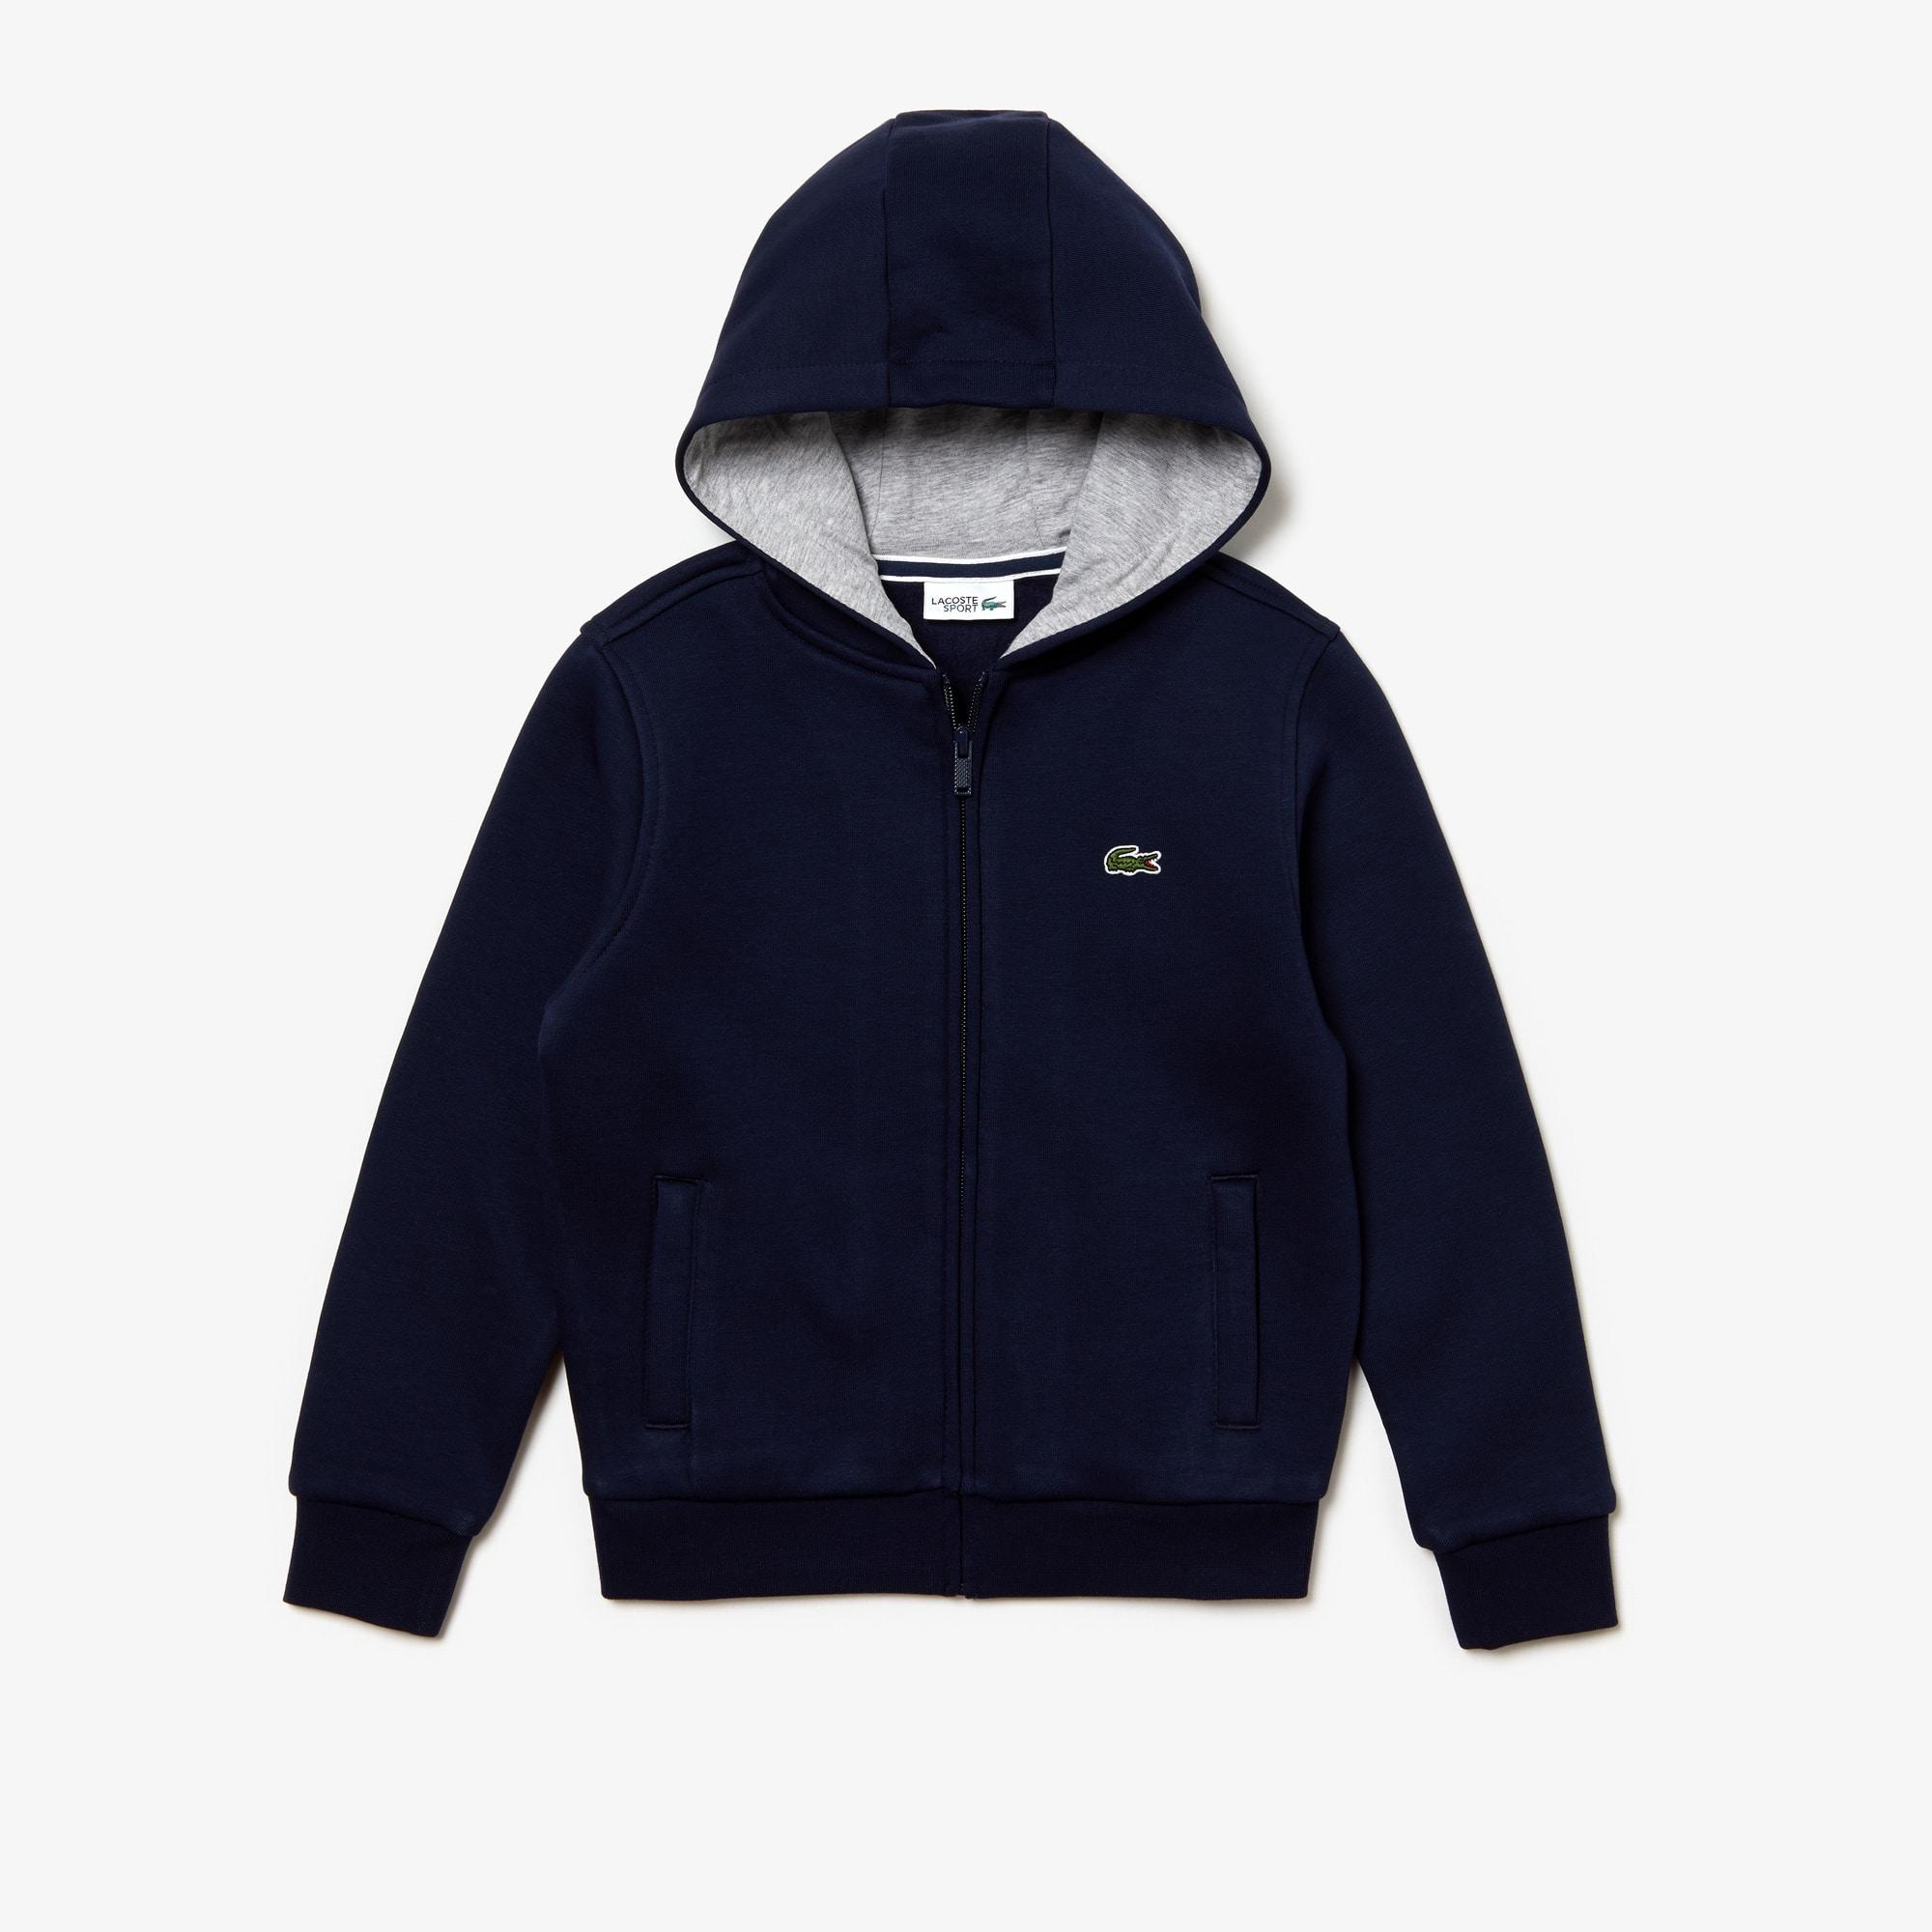 Sweatshirt zippé Enfant Tennis Lacoste SPORT en molleton uni   LACOSTE 66585d50cec4